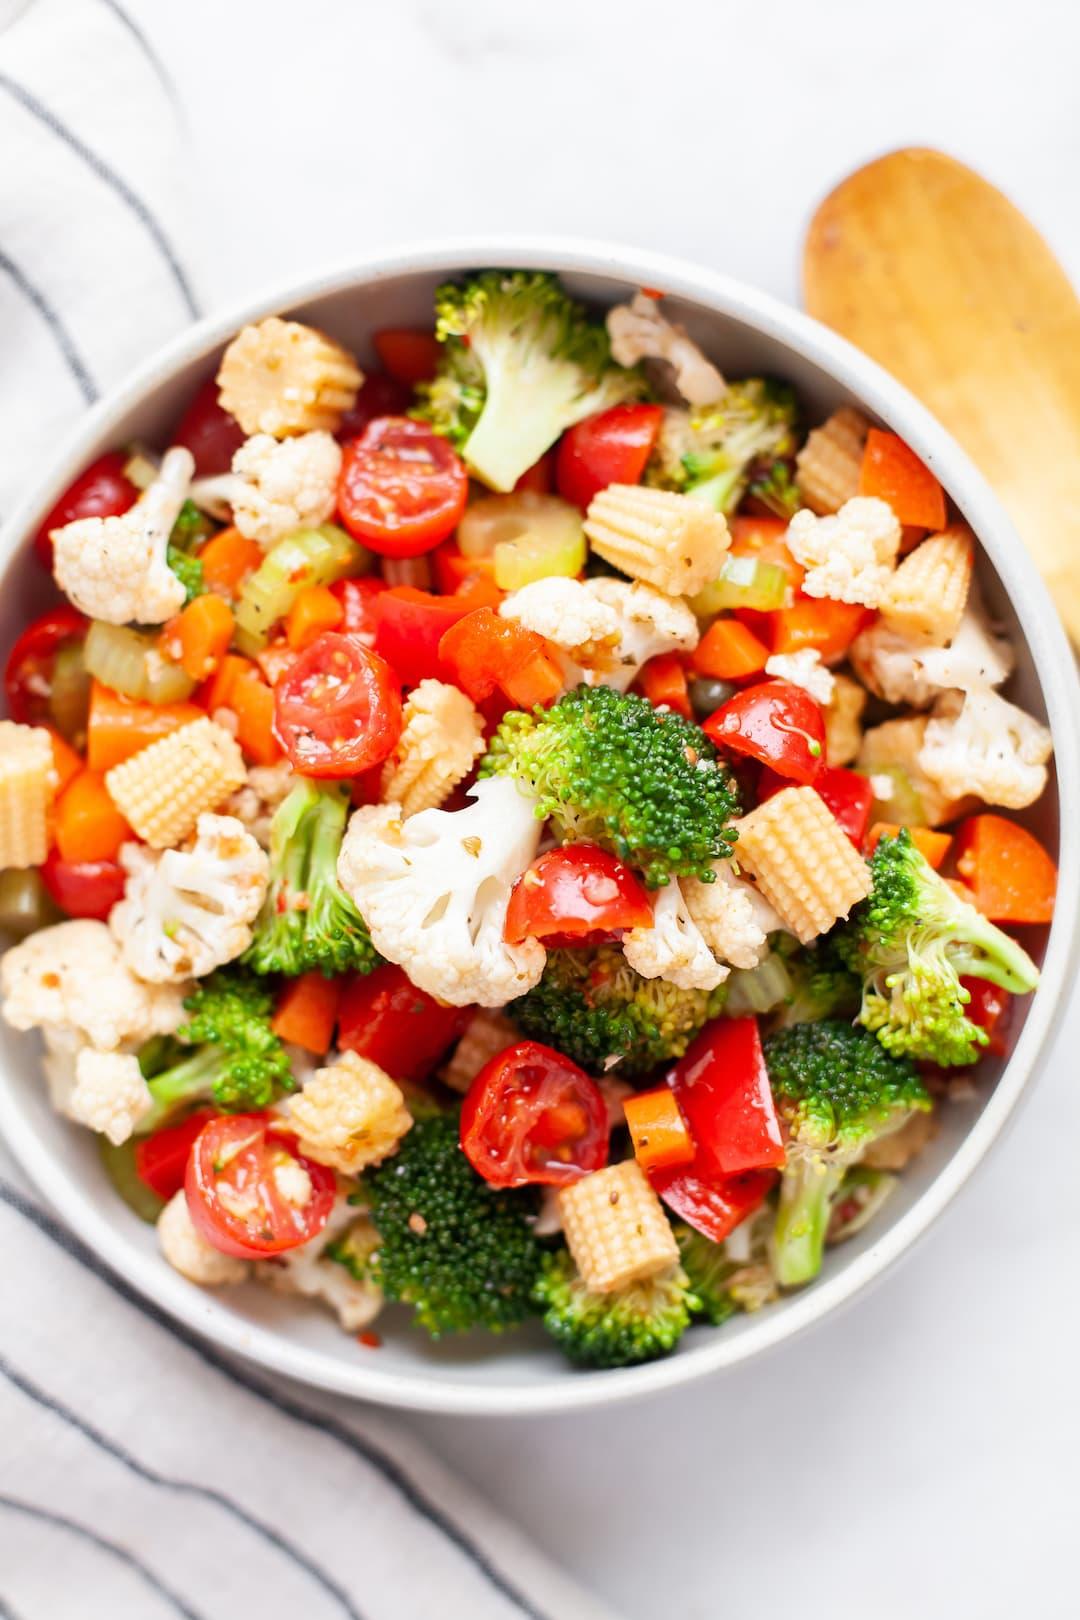 Easy Marinated Vegetable Salad Recipe